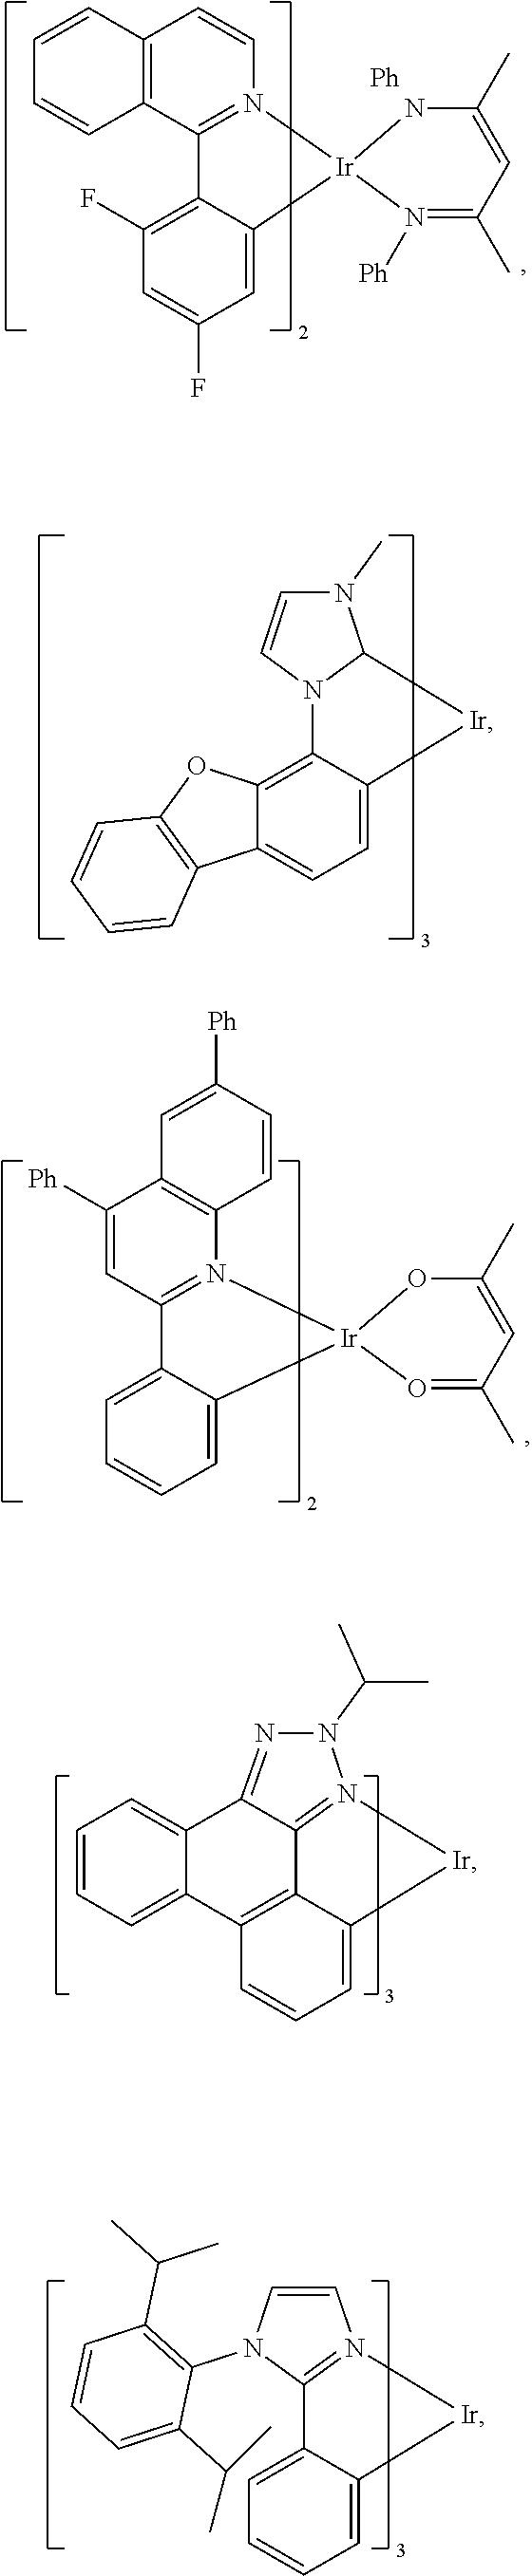 Figure US20190161504A1-20190530-C00081